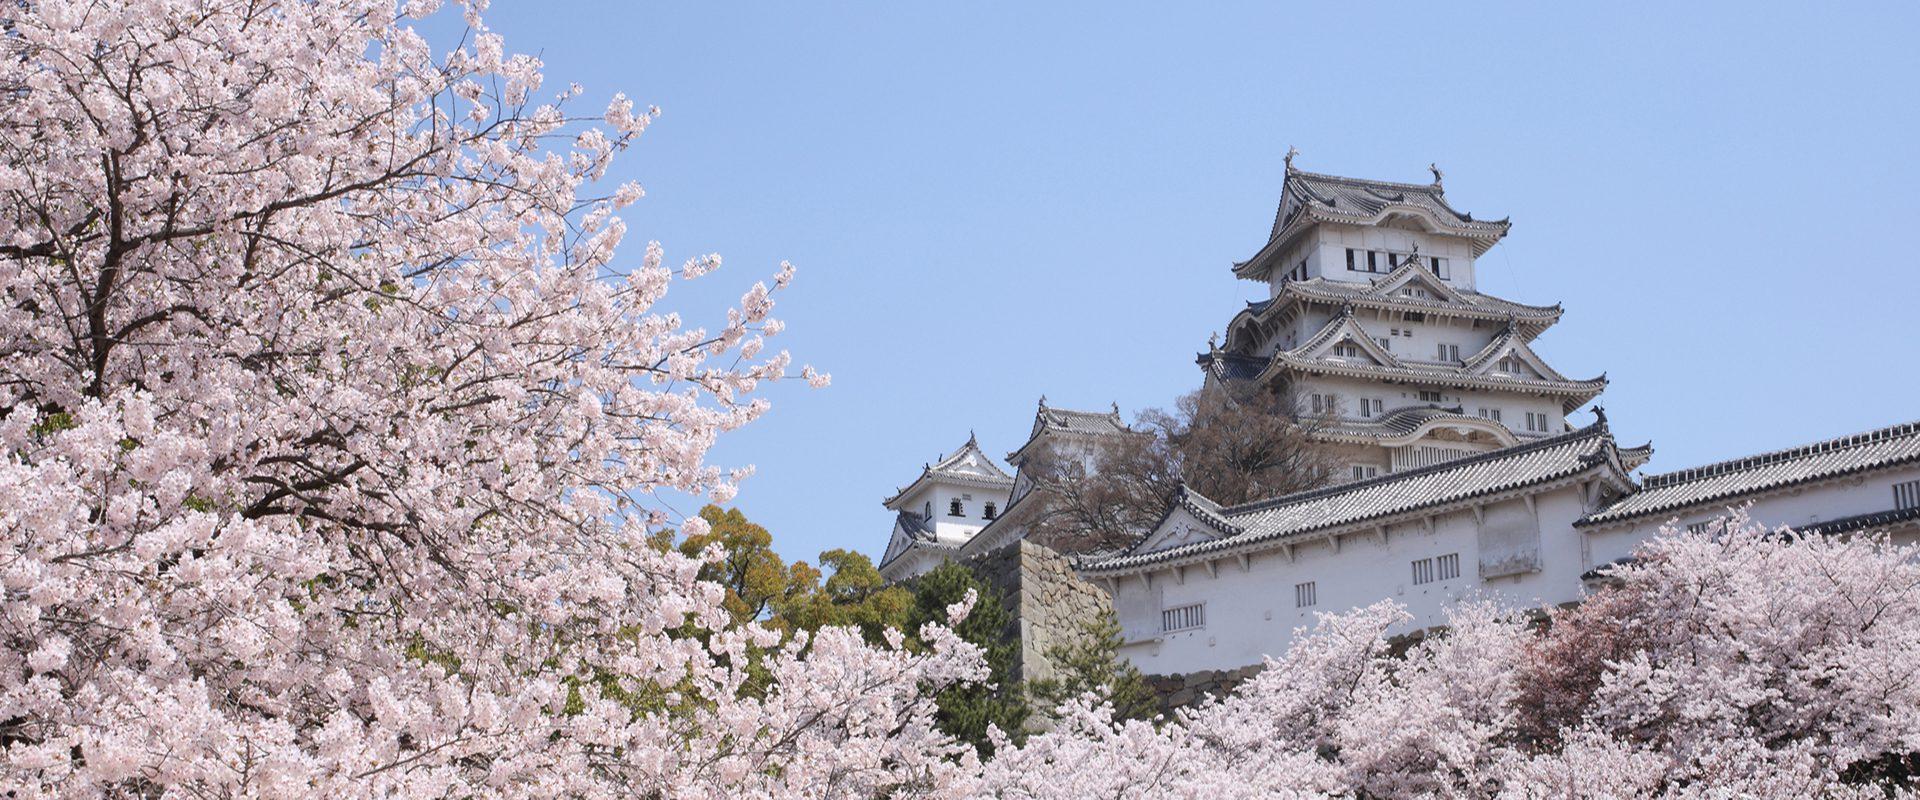 Los 10 mejores lugares de Japón para ver el cerezo en flor